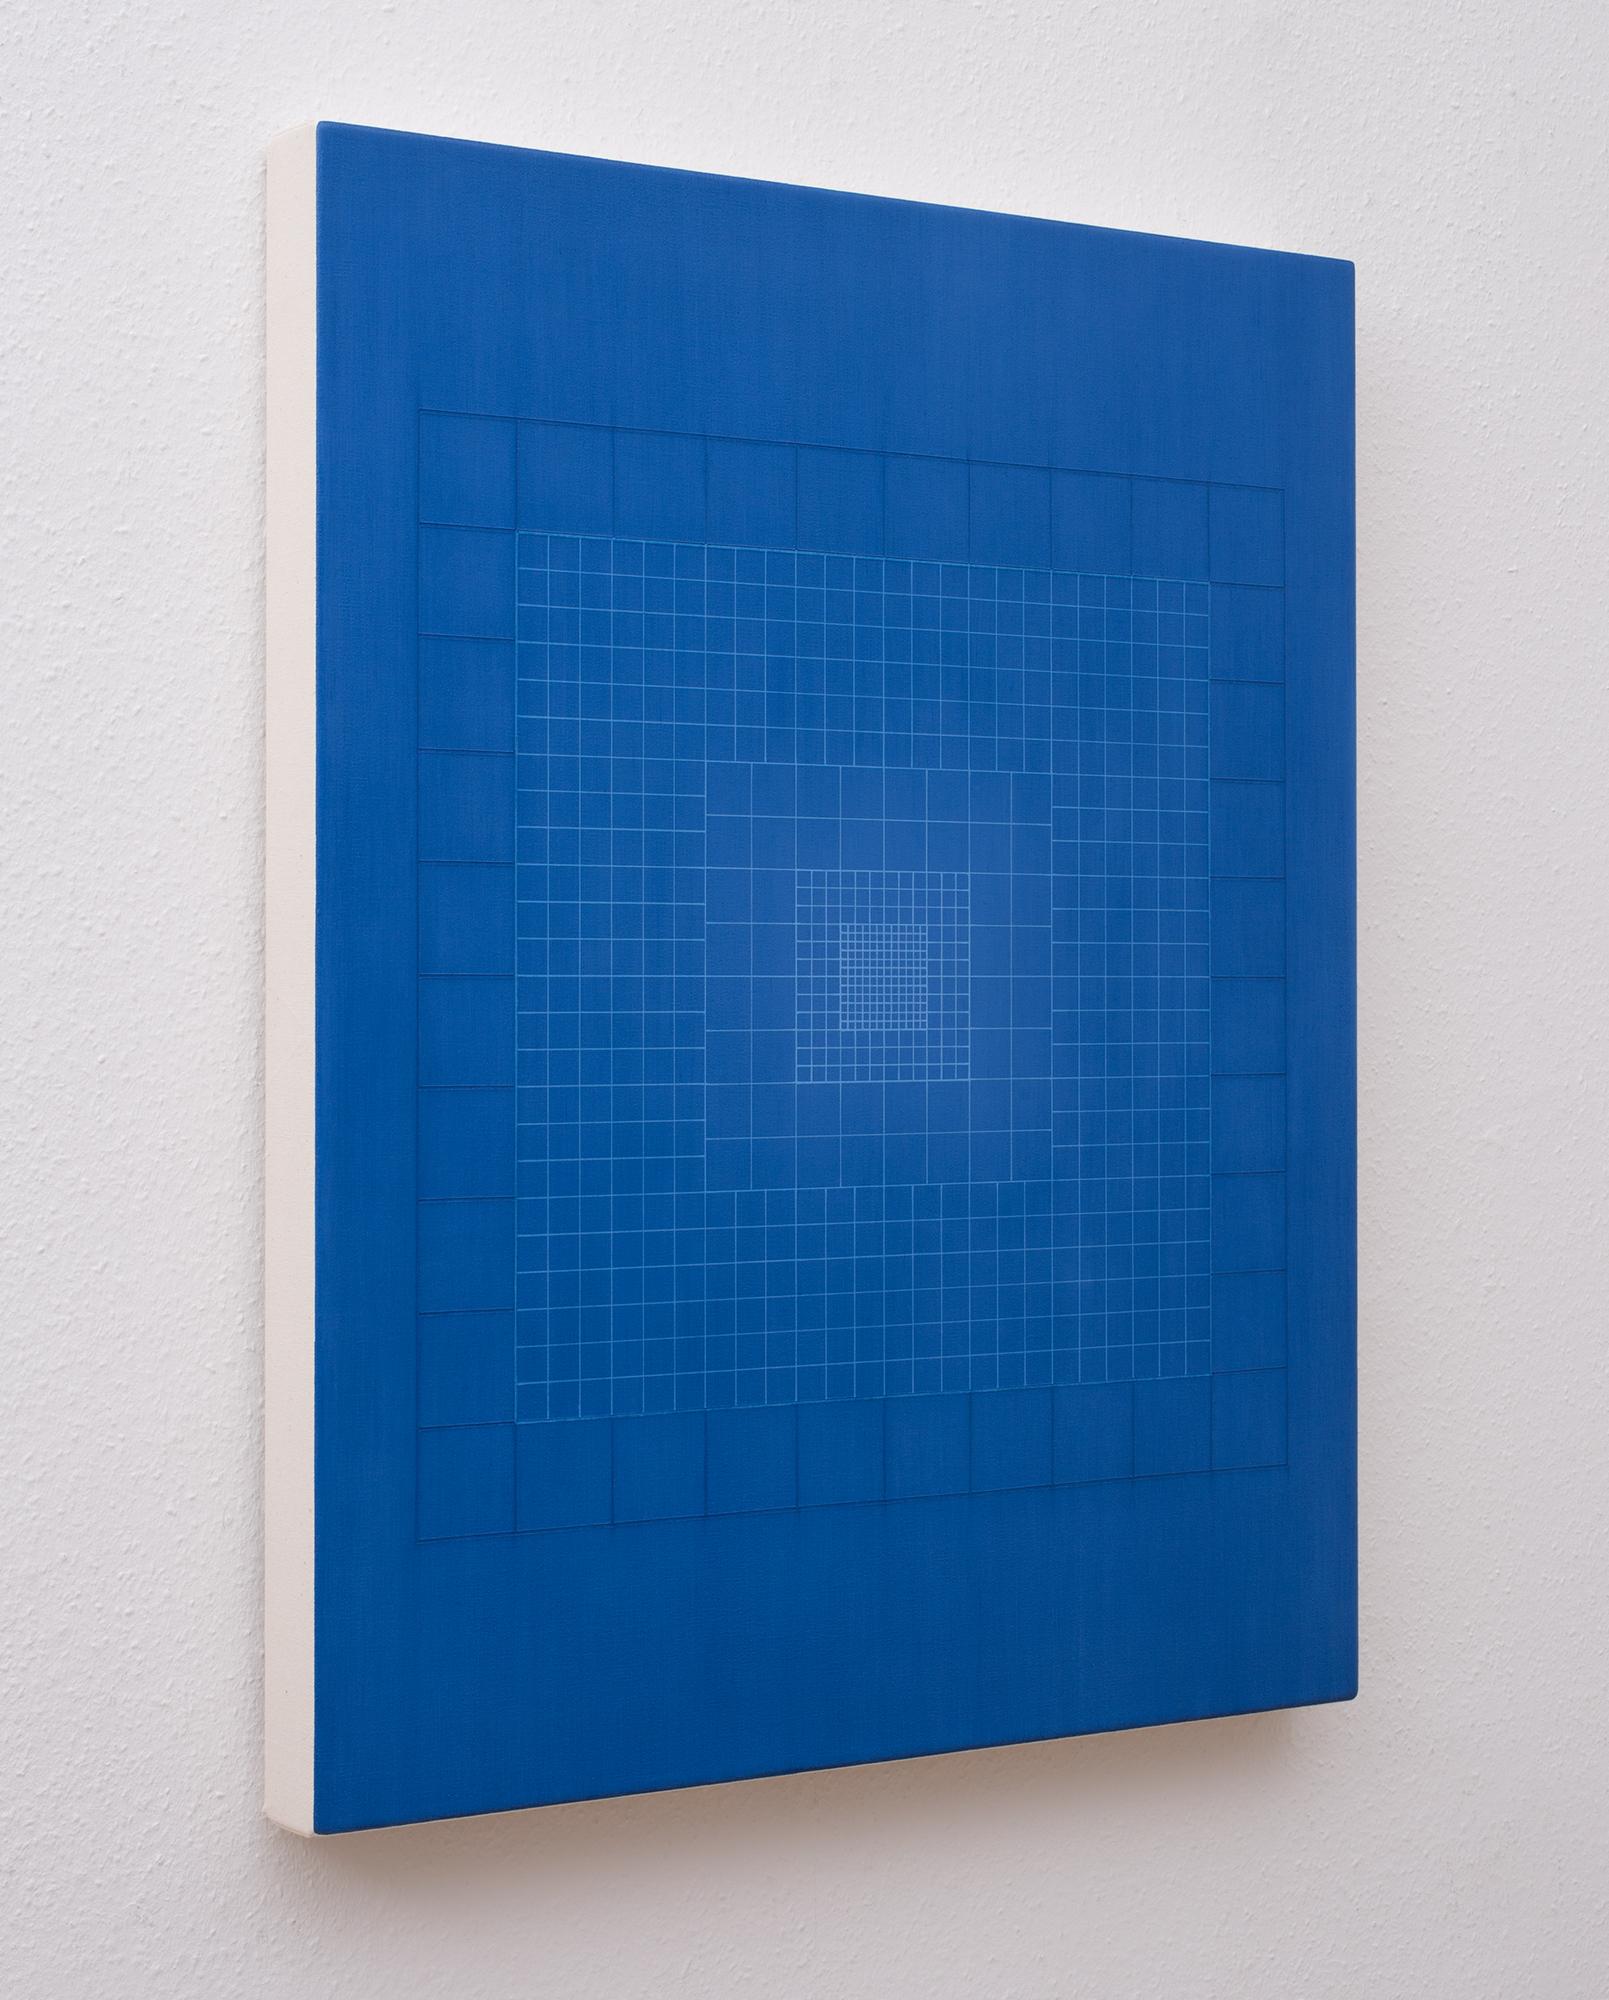 Silent-origo-metrum[20181012]_2018_acrylic-oil-on-canvas_29 1-2 x 23 5-8in.[75x60cm]-2_2000.jpg